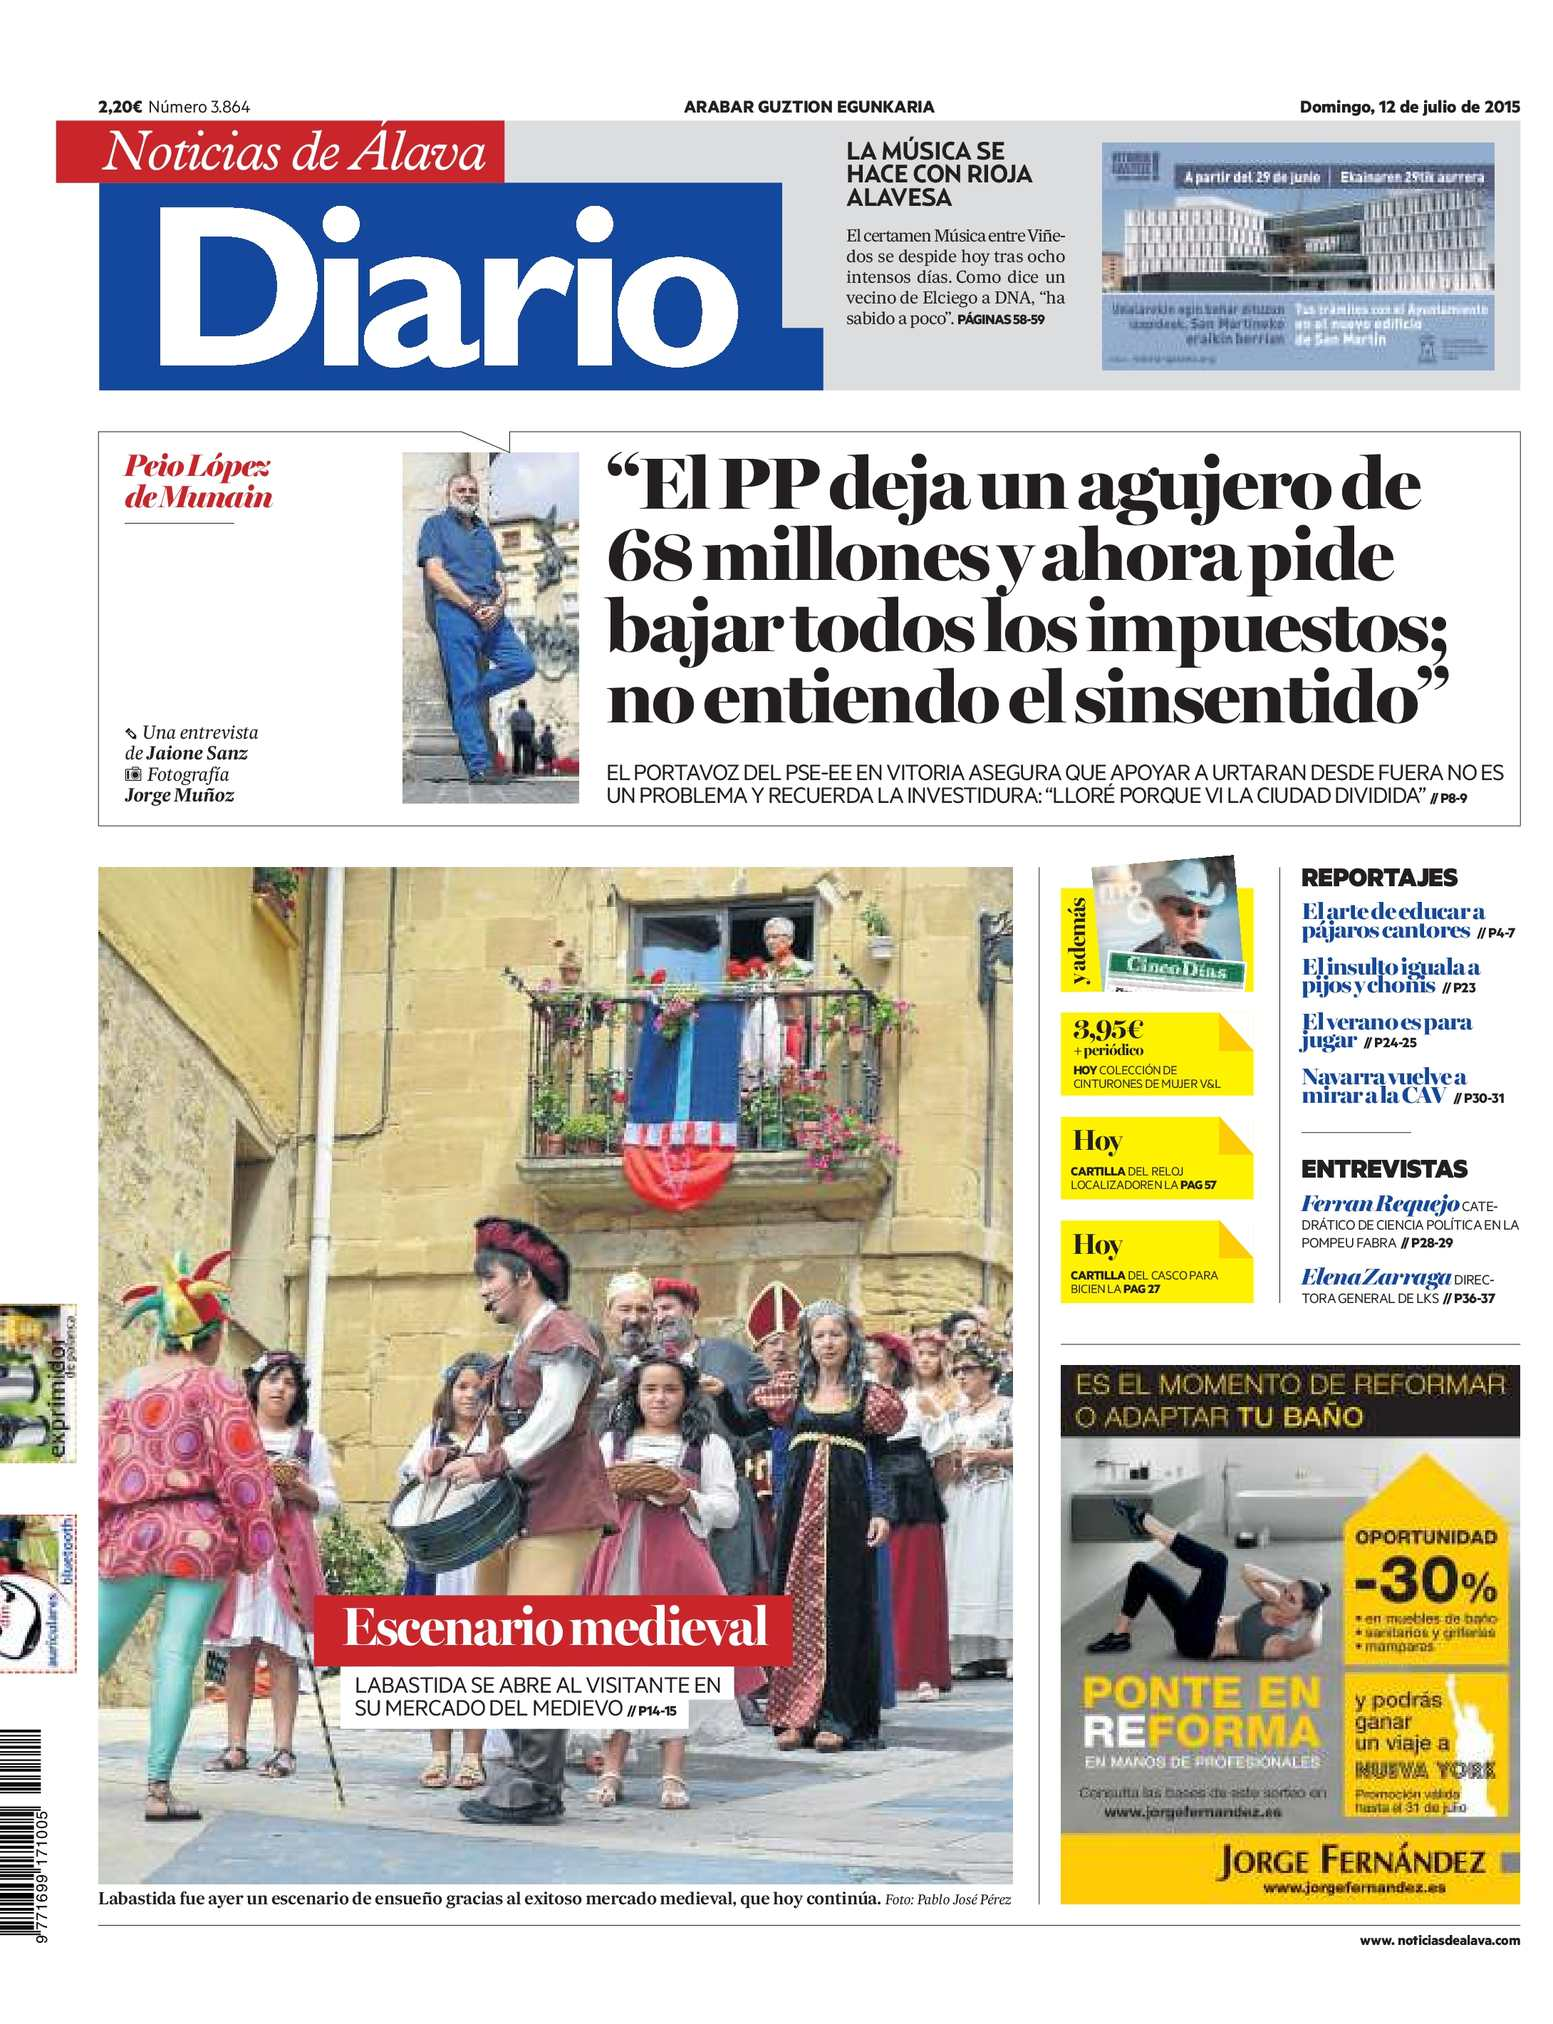 a2f9b1dc8aac1 Calaméo - Diario de Noticias de Álava 20150712